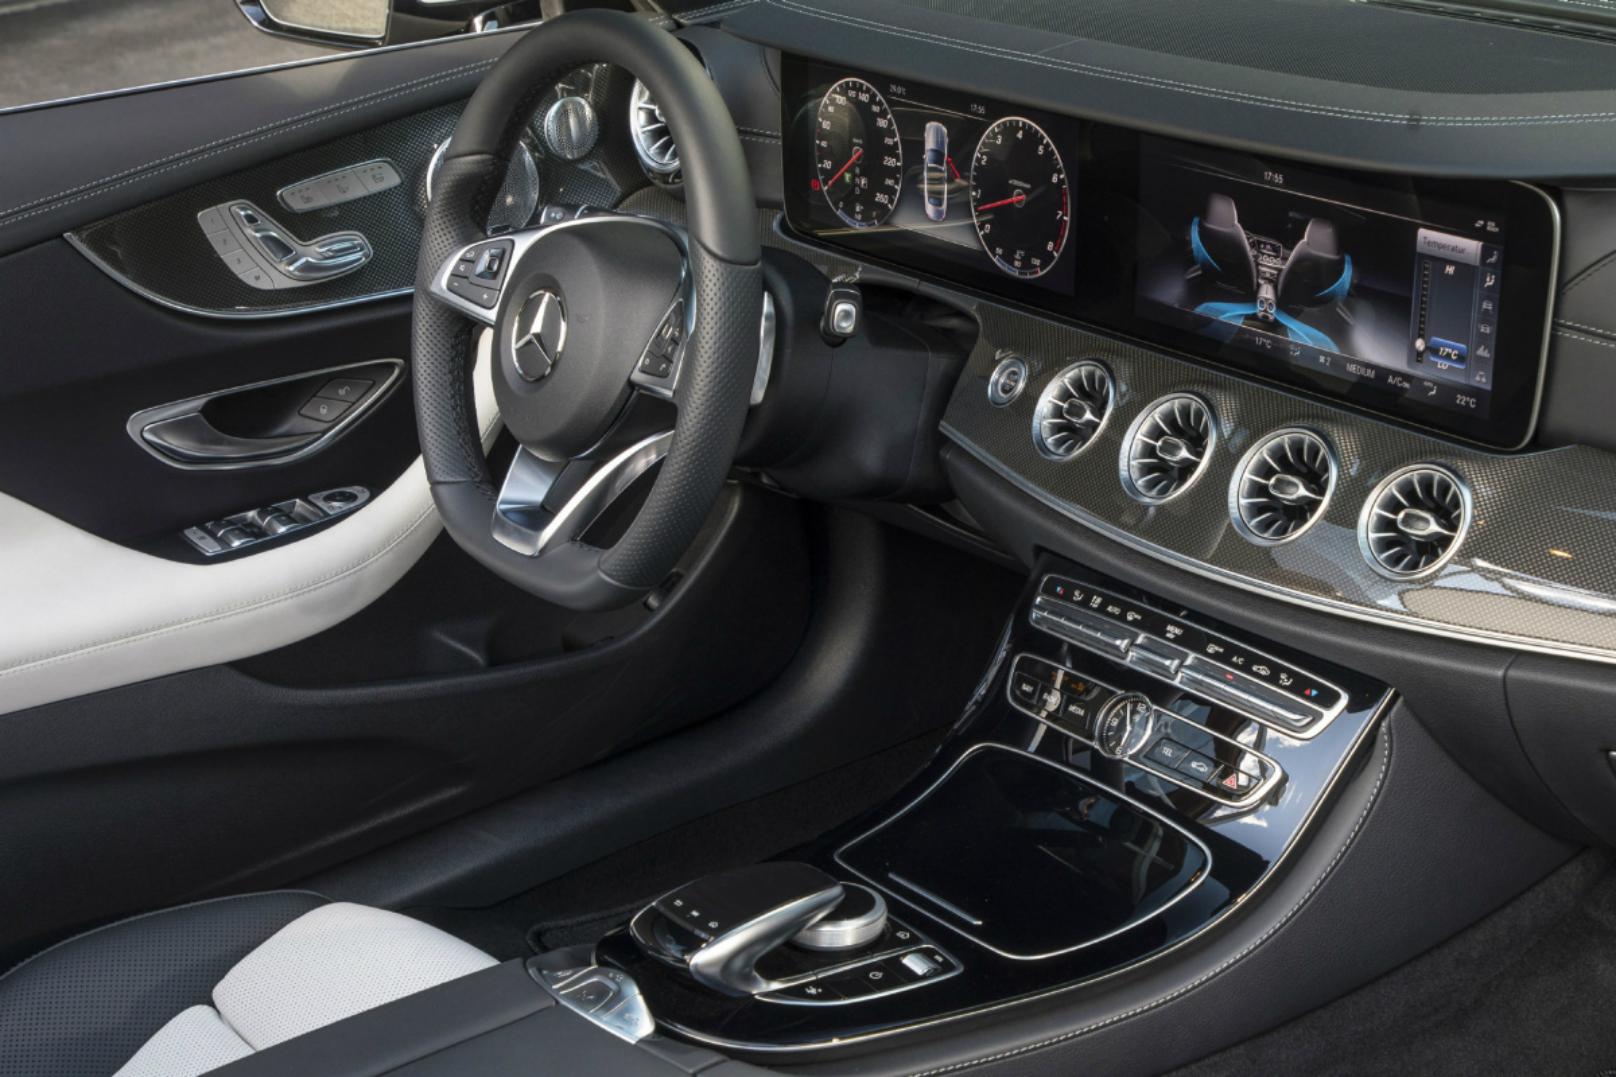 2018 Mercedes E-Class Cabriolet Review